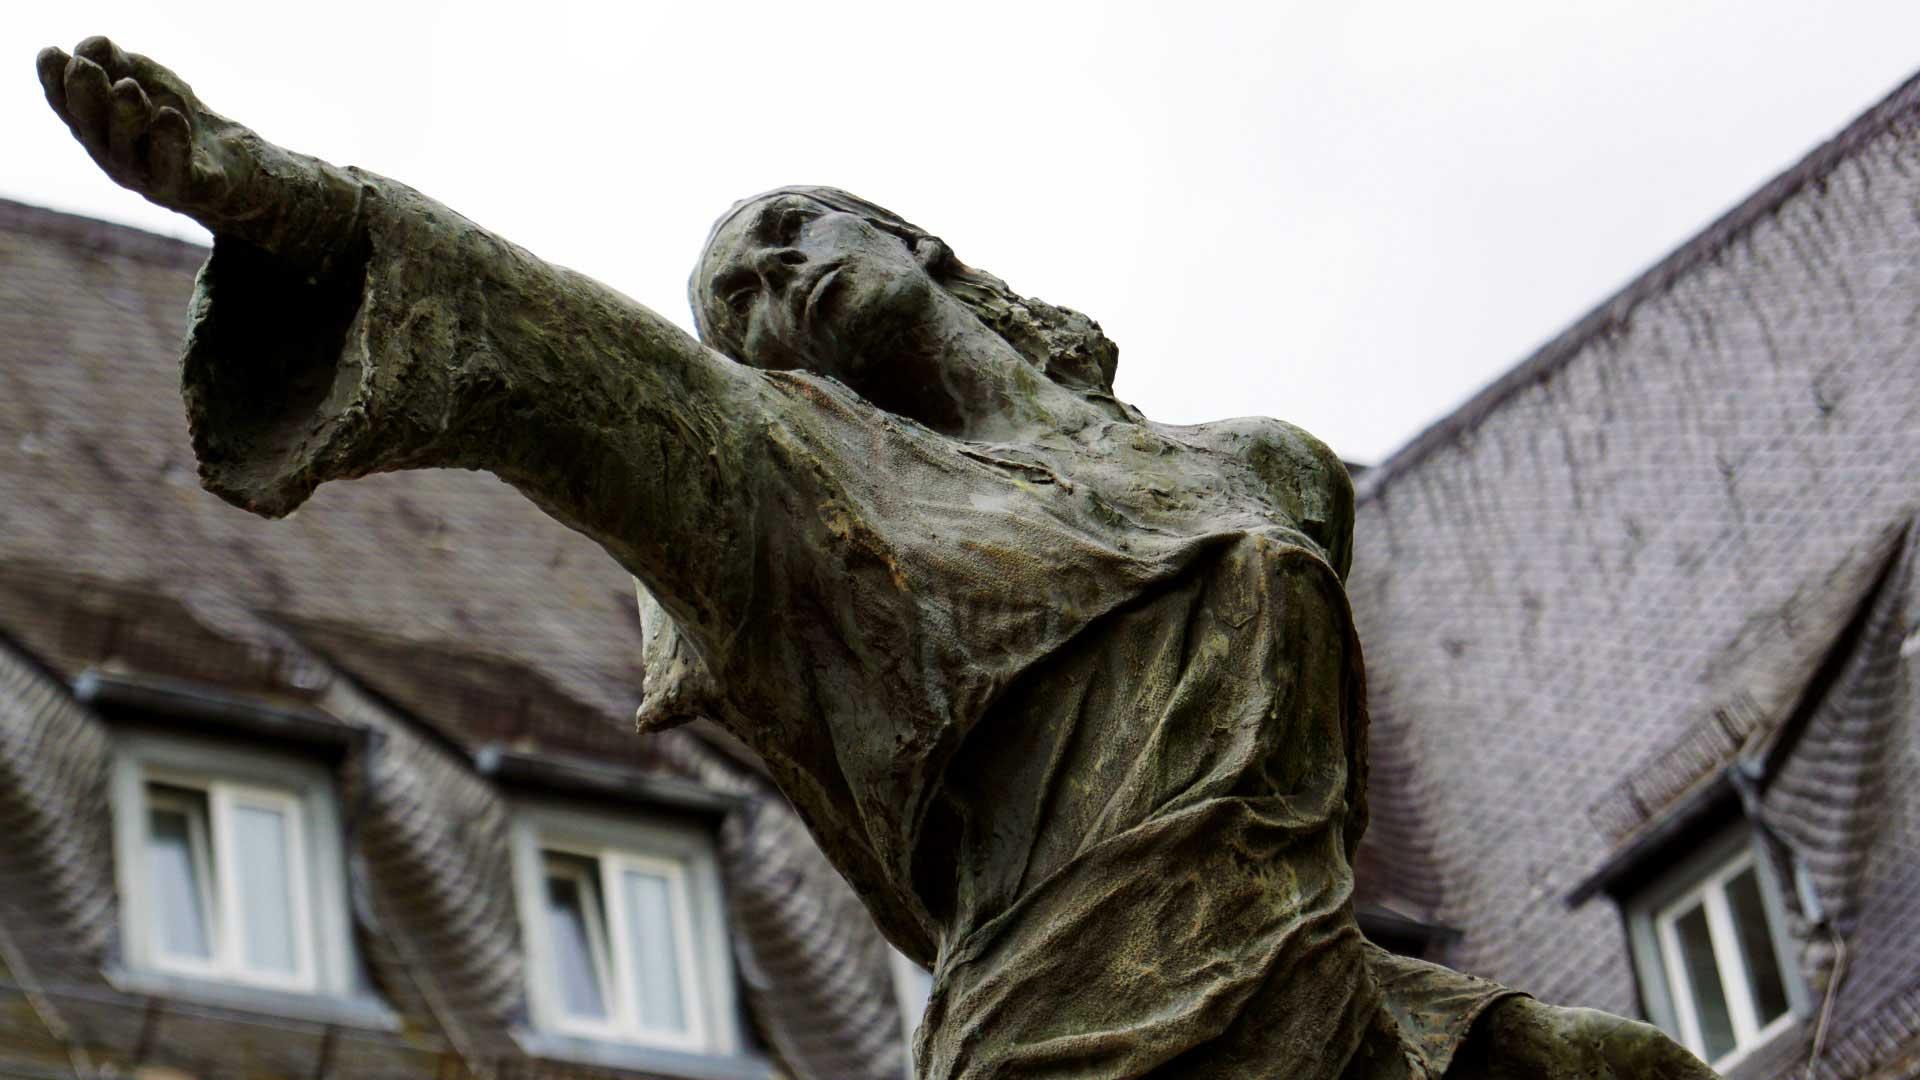 Seniorenzentrum-Bruder-Konrad-Stift-Statue-12